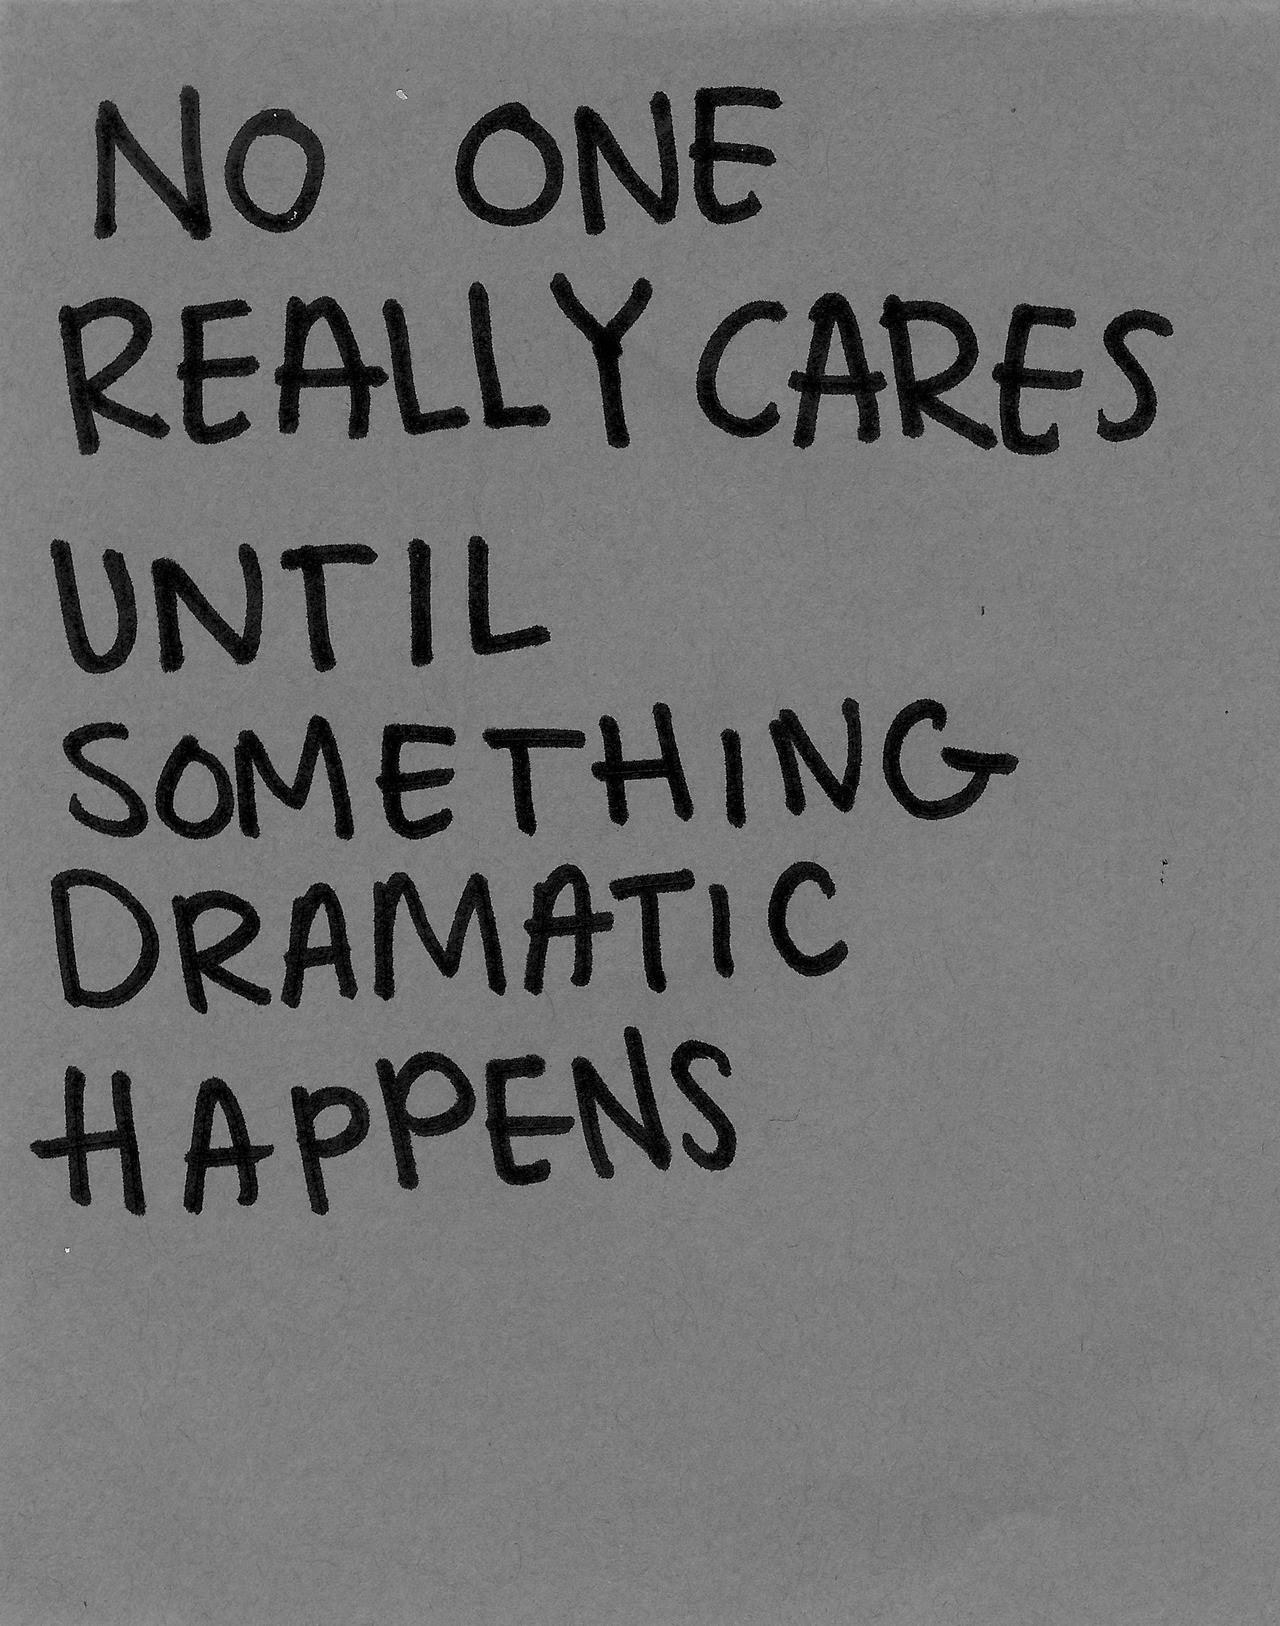 Self Harm Sad But True Depressing Quotes Sad Quotes